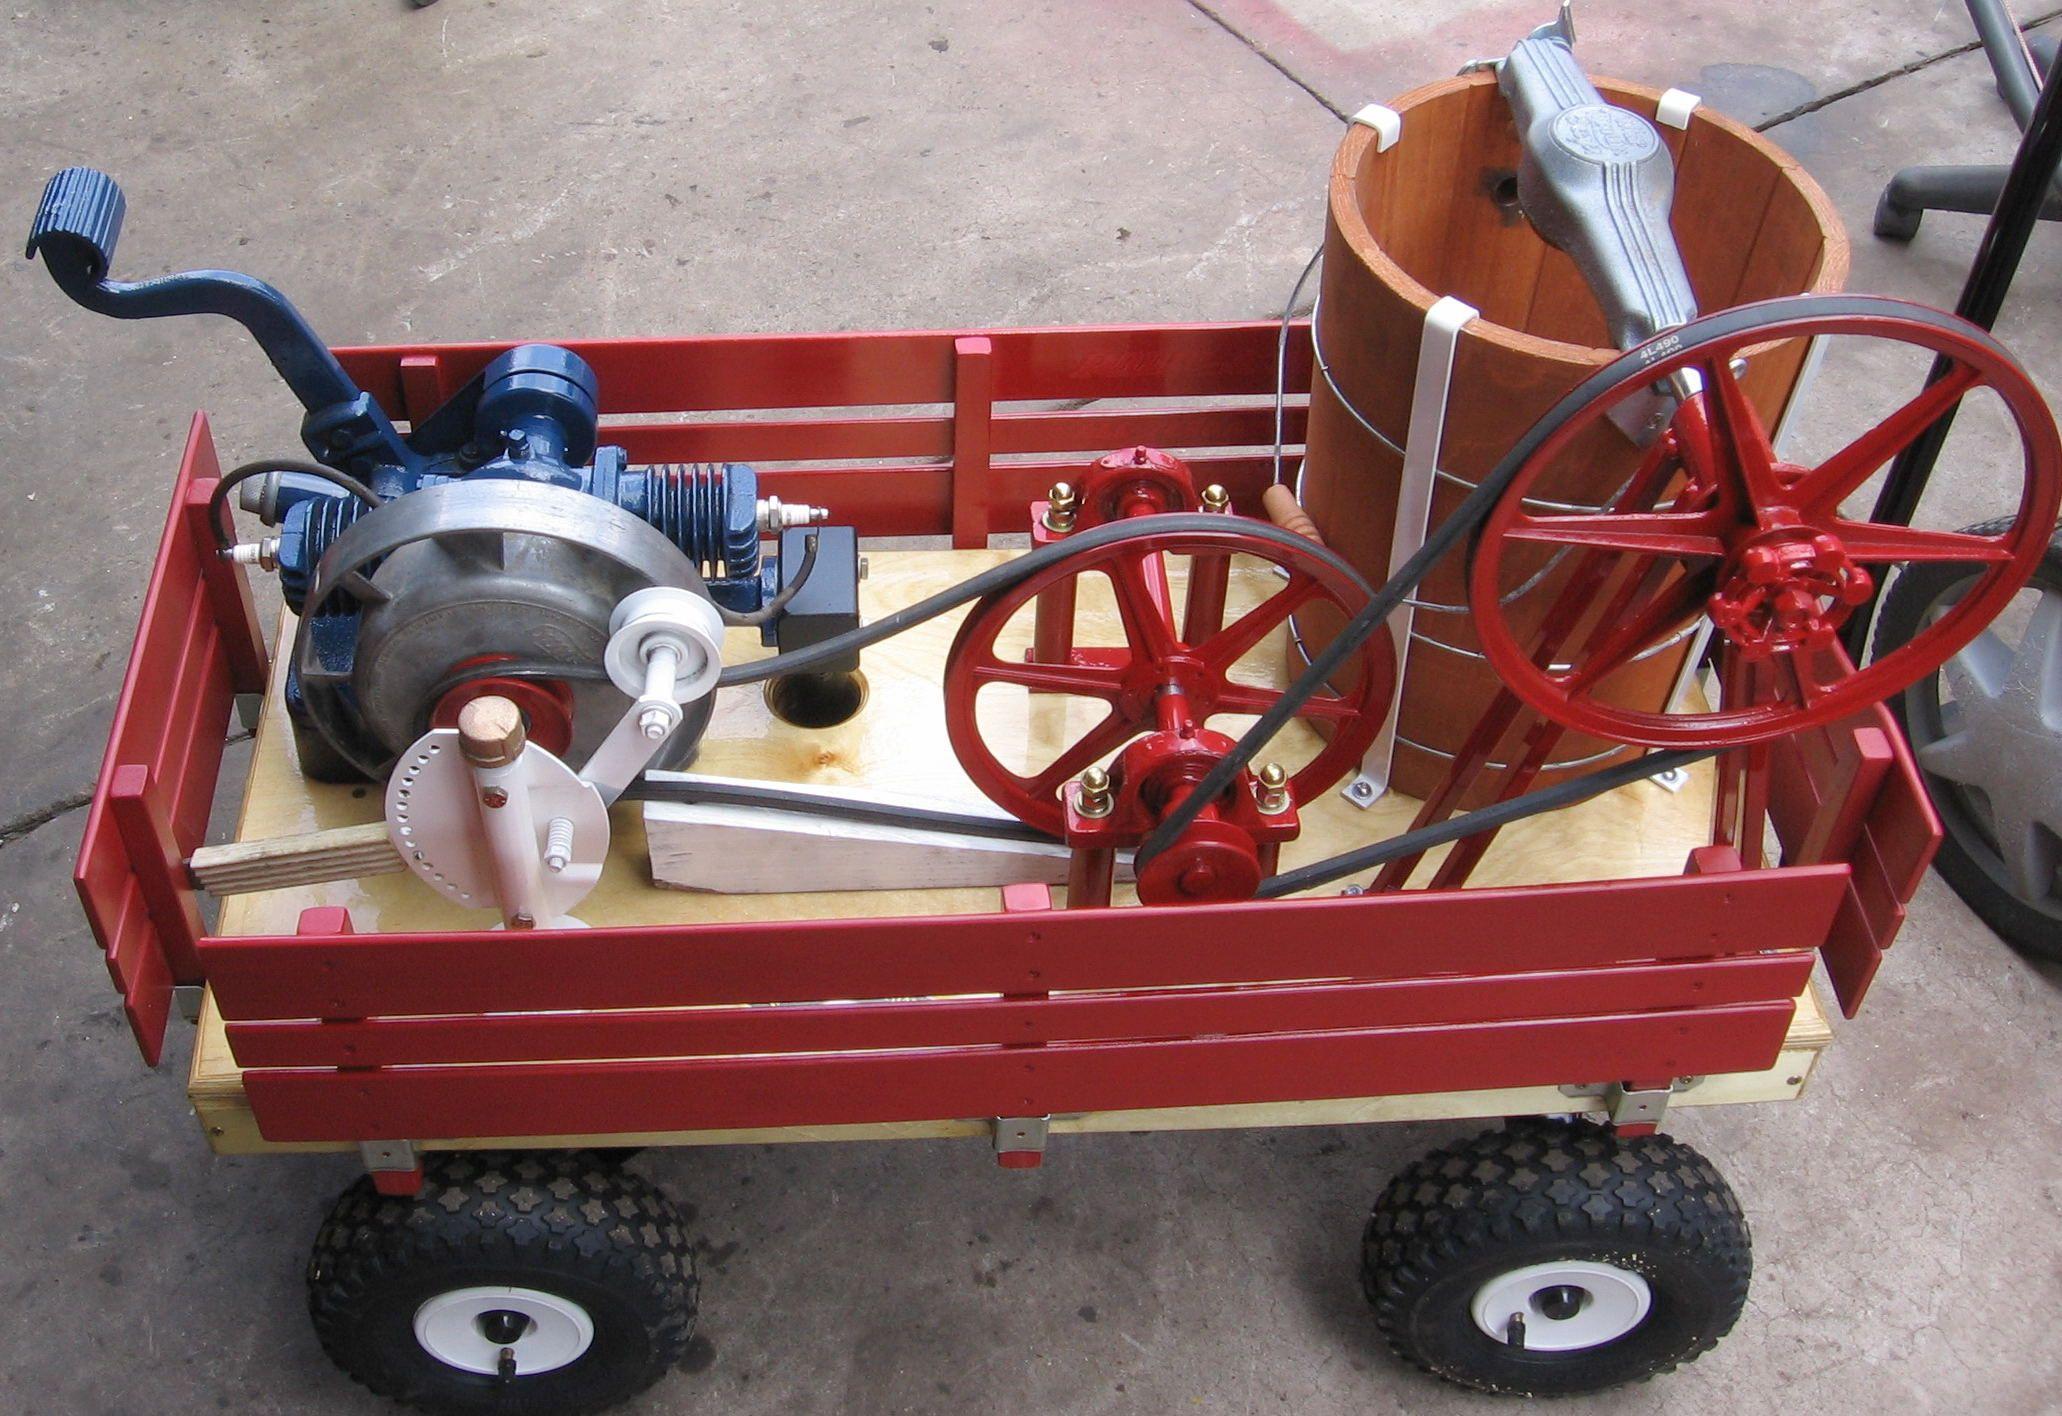 Recycle Vintage Washing Machine Gas Motor To Make Ice Cream Yum Yum Vintage Washing Machine Recycled Vintage